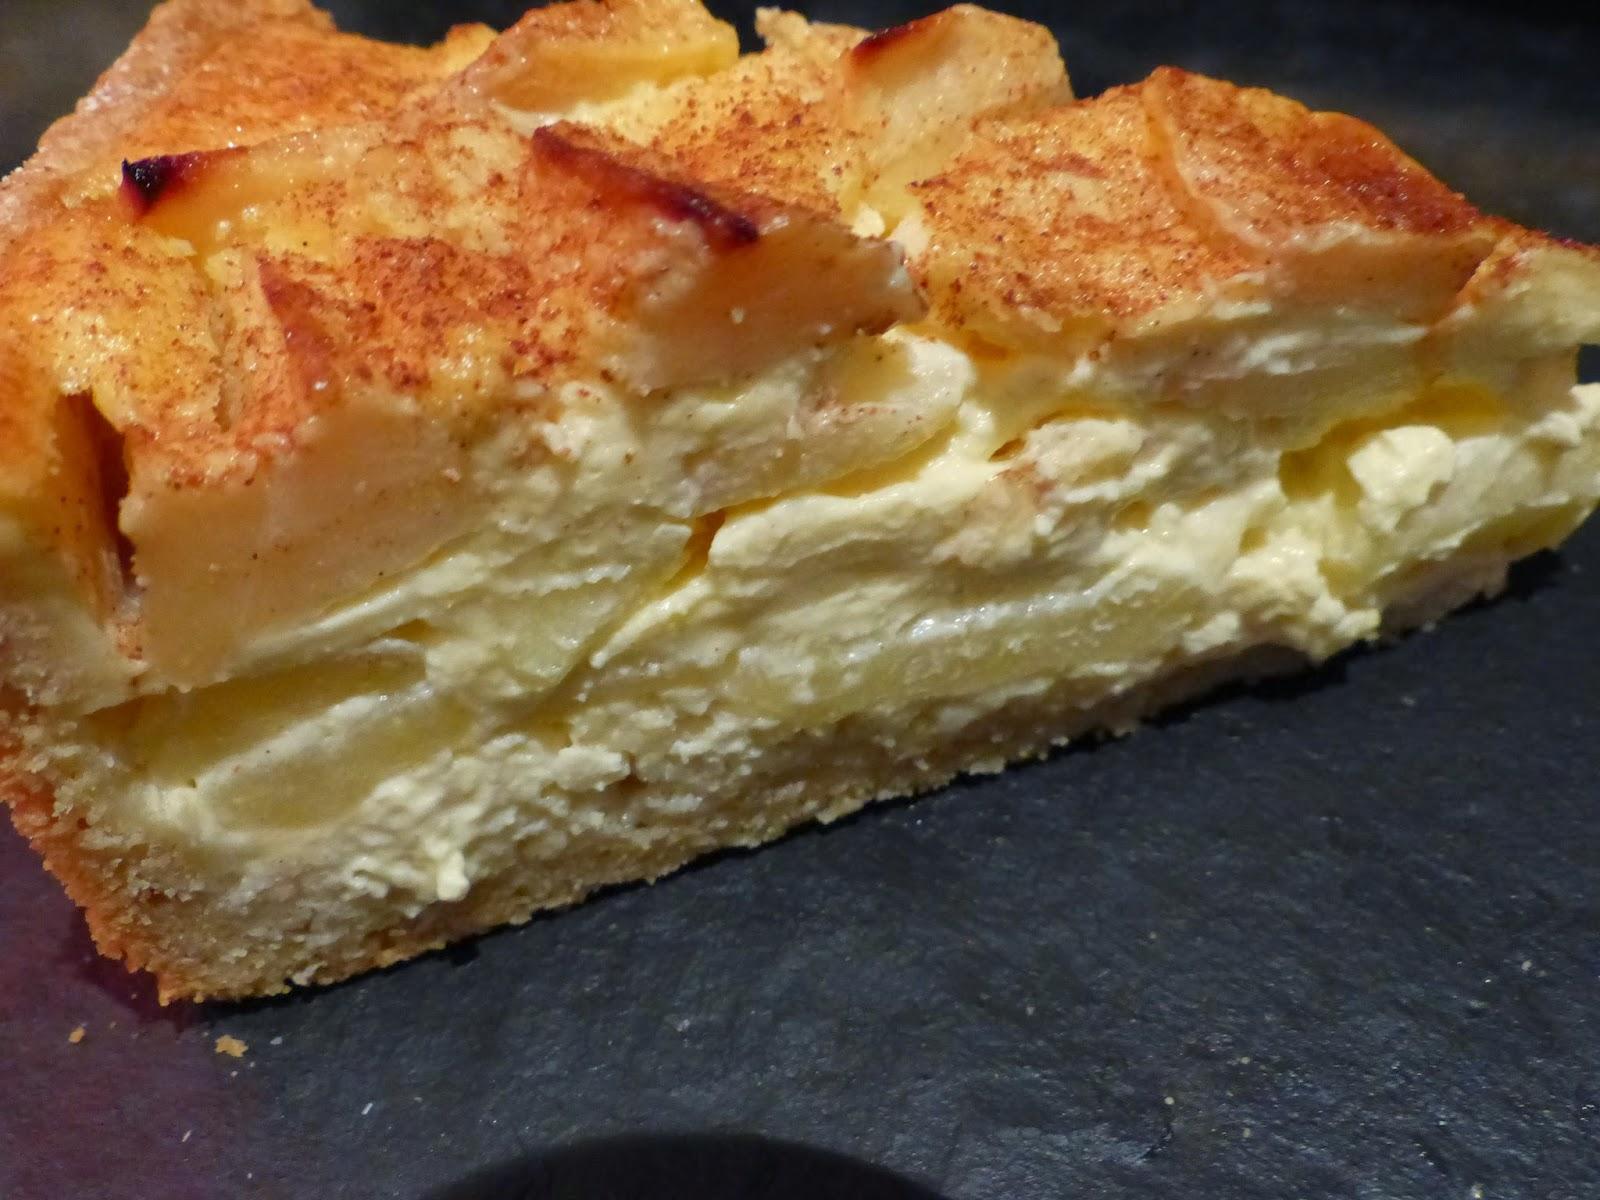 Verboten Gut Apfel Mascarpone Kuchen